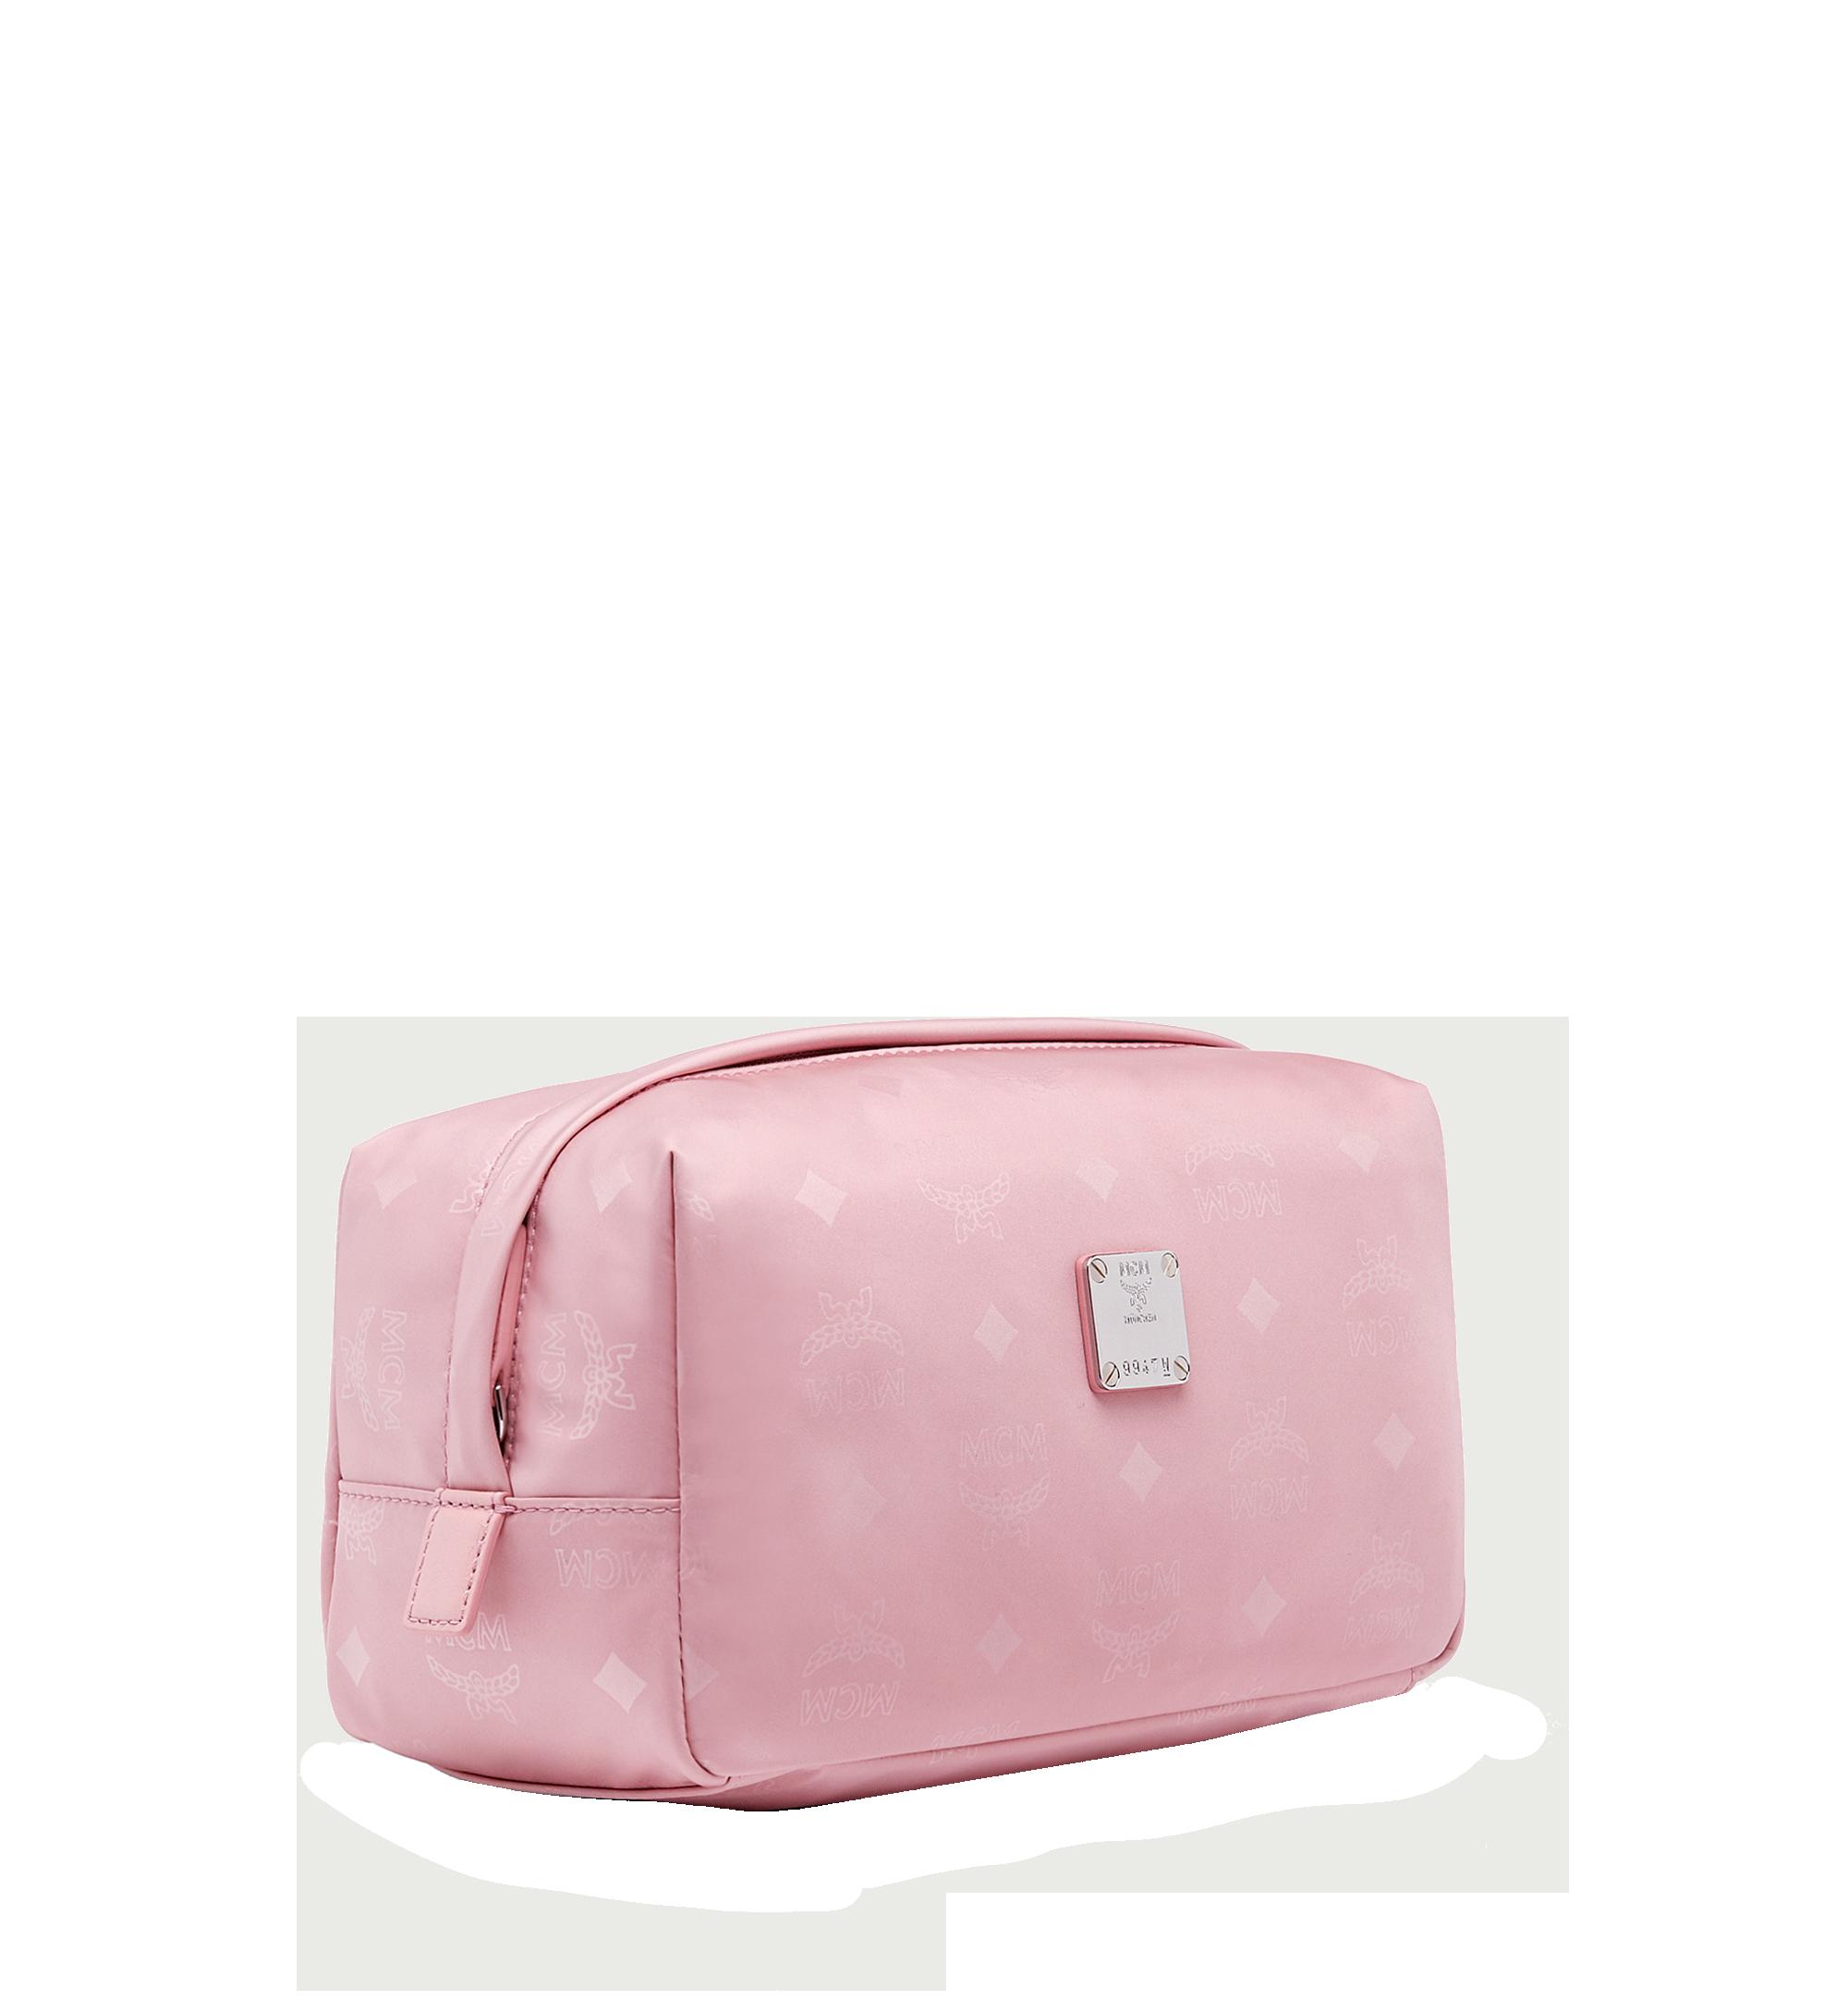 Large Dieter Reisetasche aus Nylon mit Monogramm Pink Blush